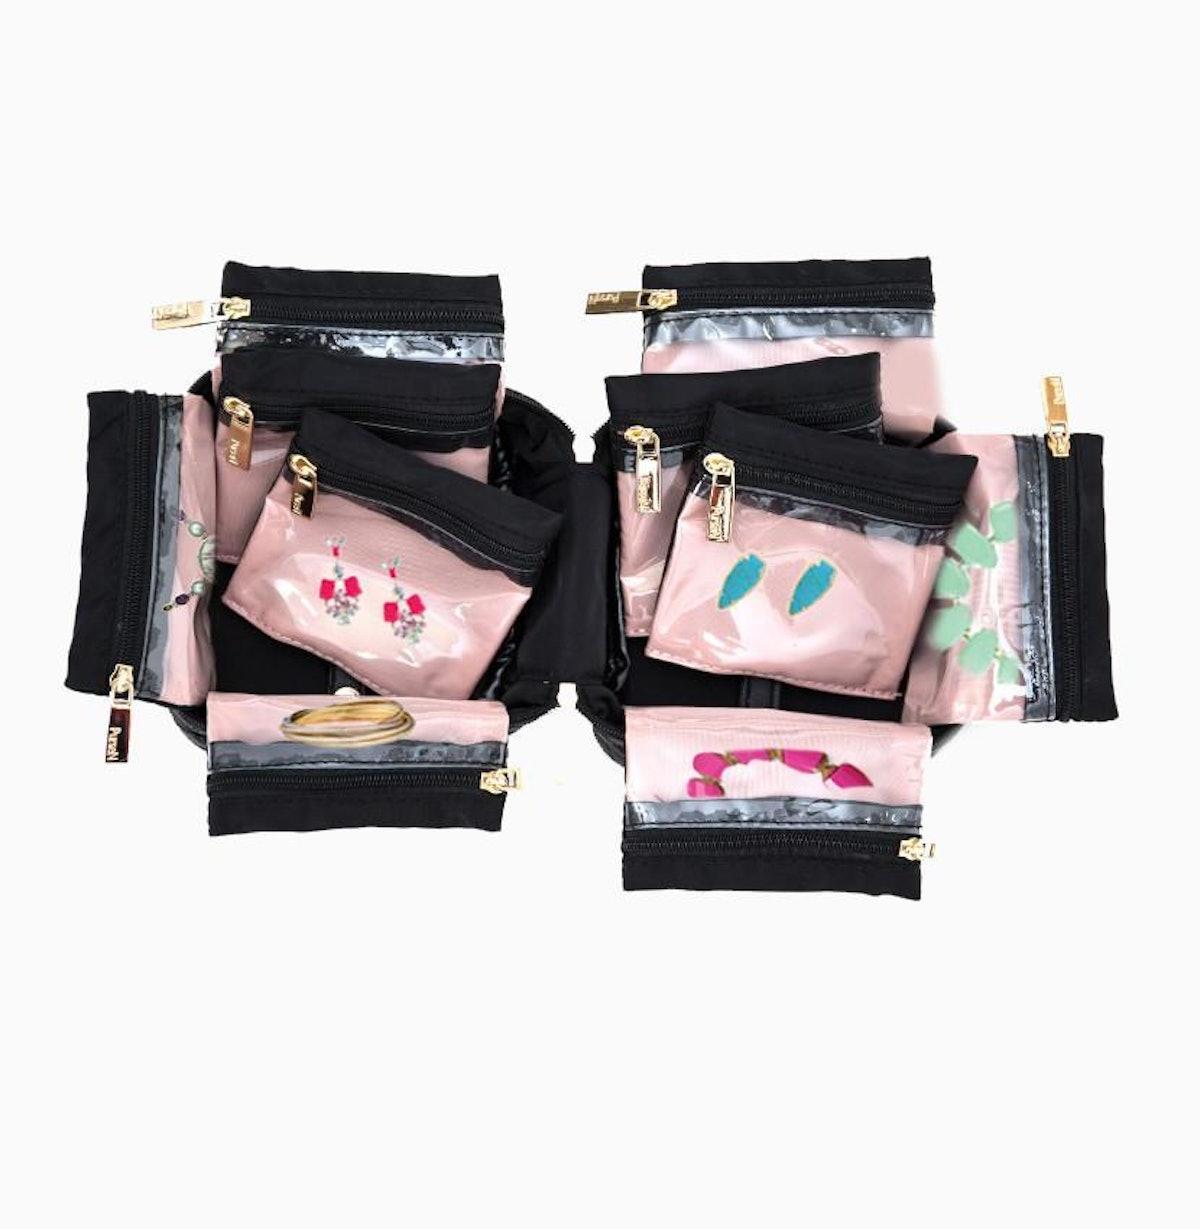 Tiara Weekender Jewelry Case in Ebony Sands